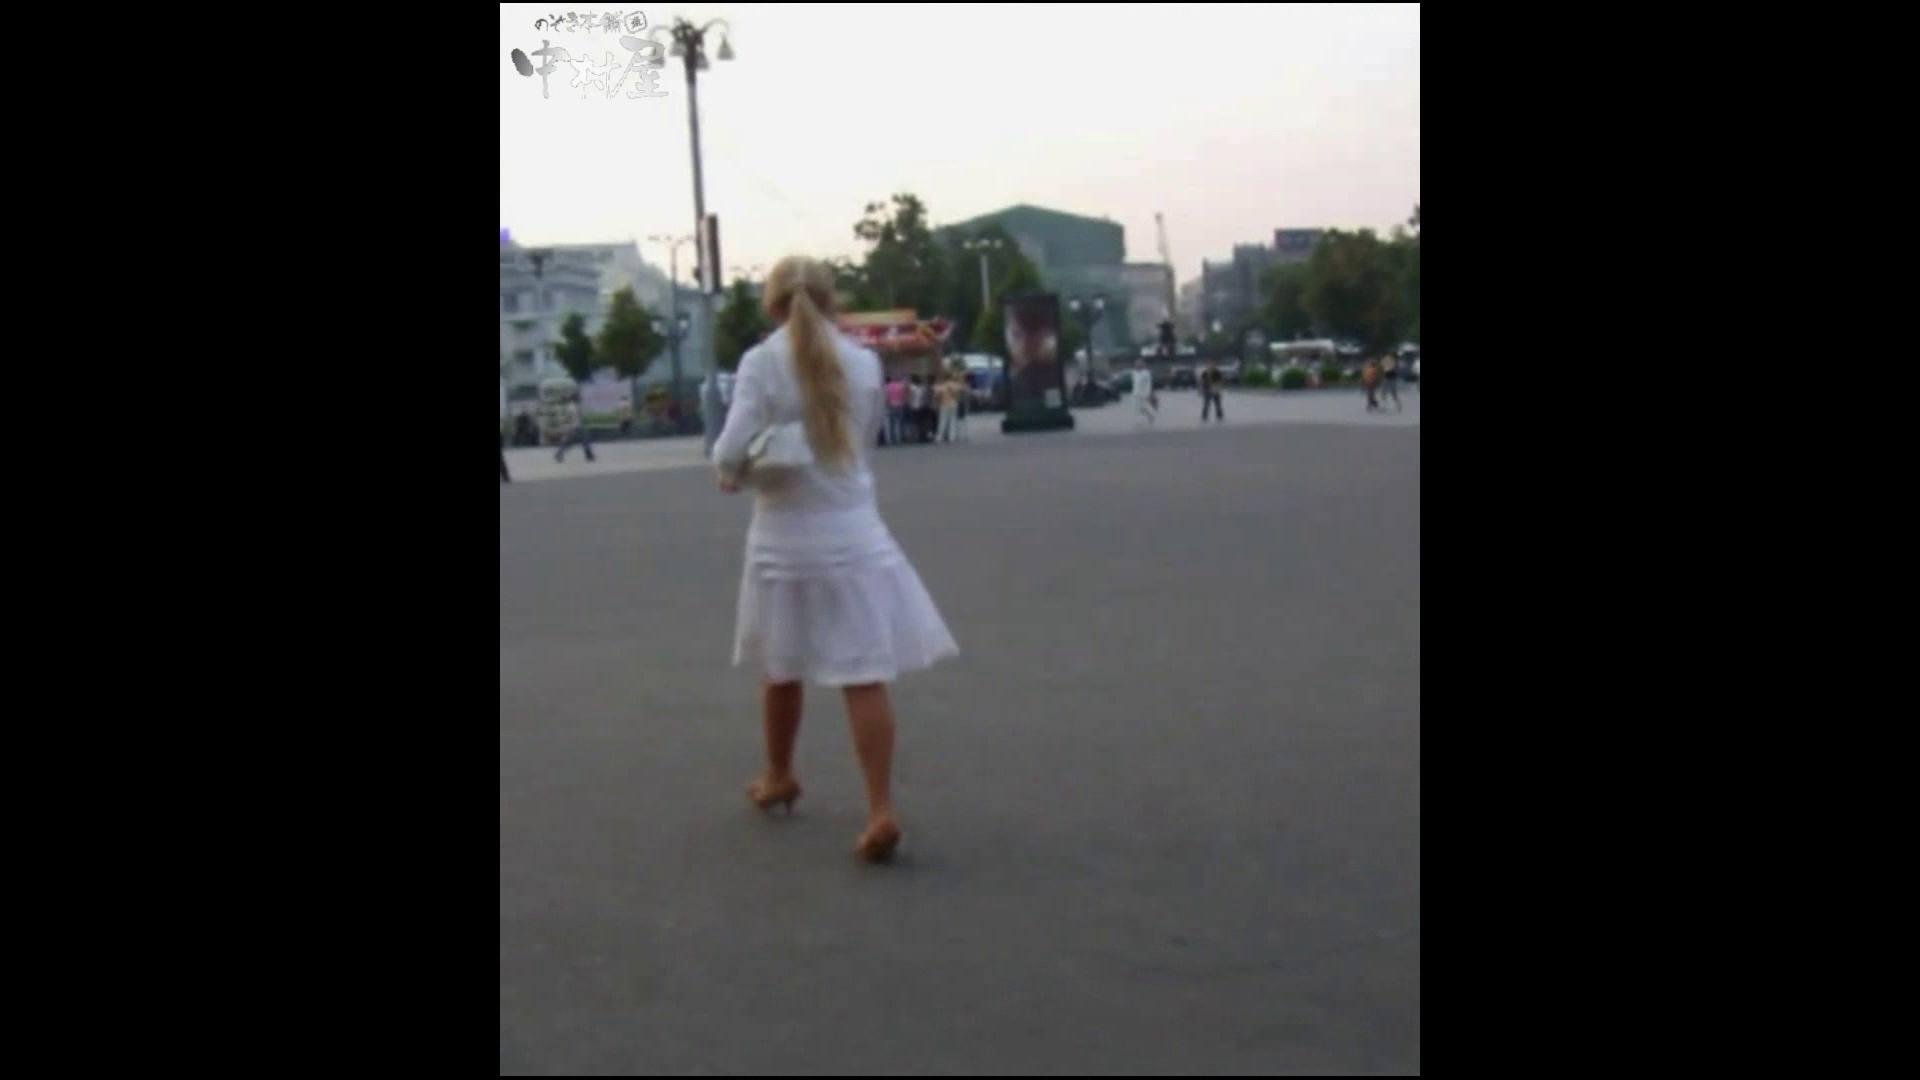 綺麗なモデルさんのスカート捲っちゃおう‼ vol11 お姉さんヌード | OLセックス  94画像 83